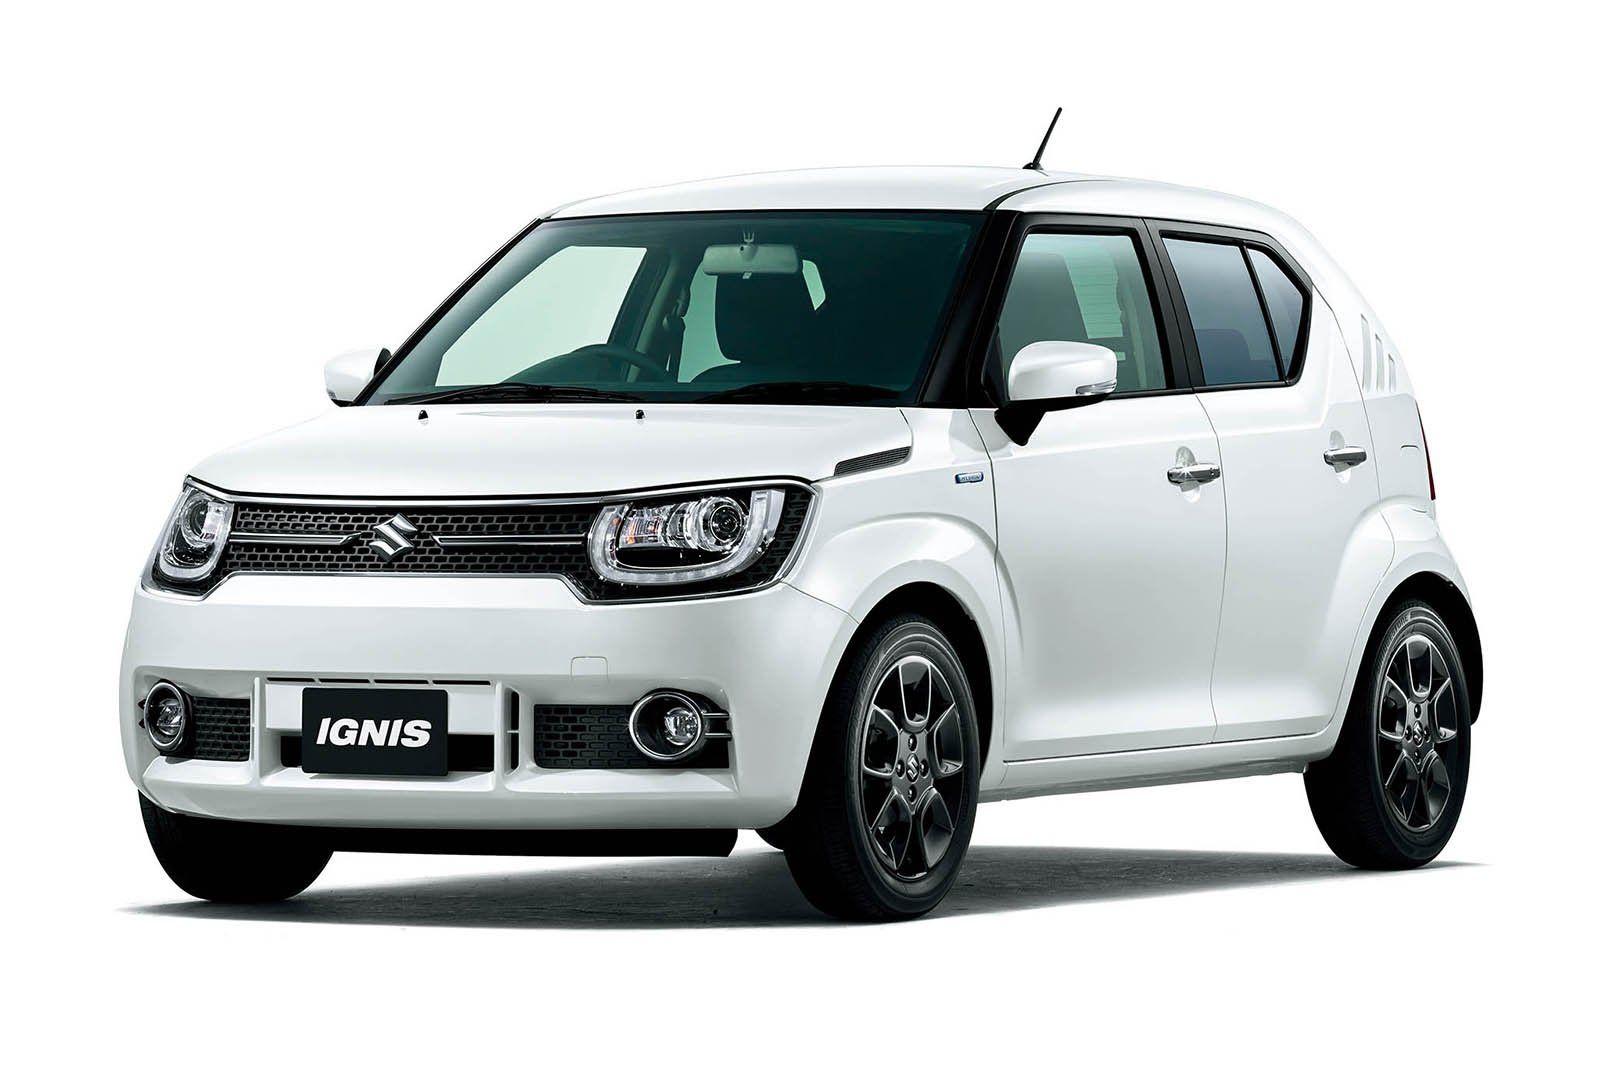 Suzuki Presenteert Productieversie Van Nieuwe Ignis Maruti